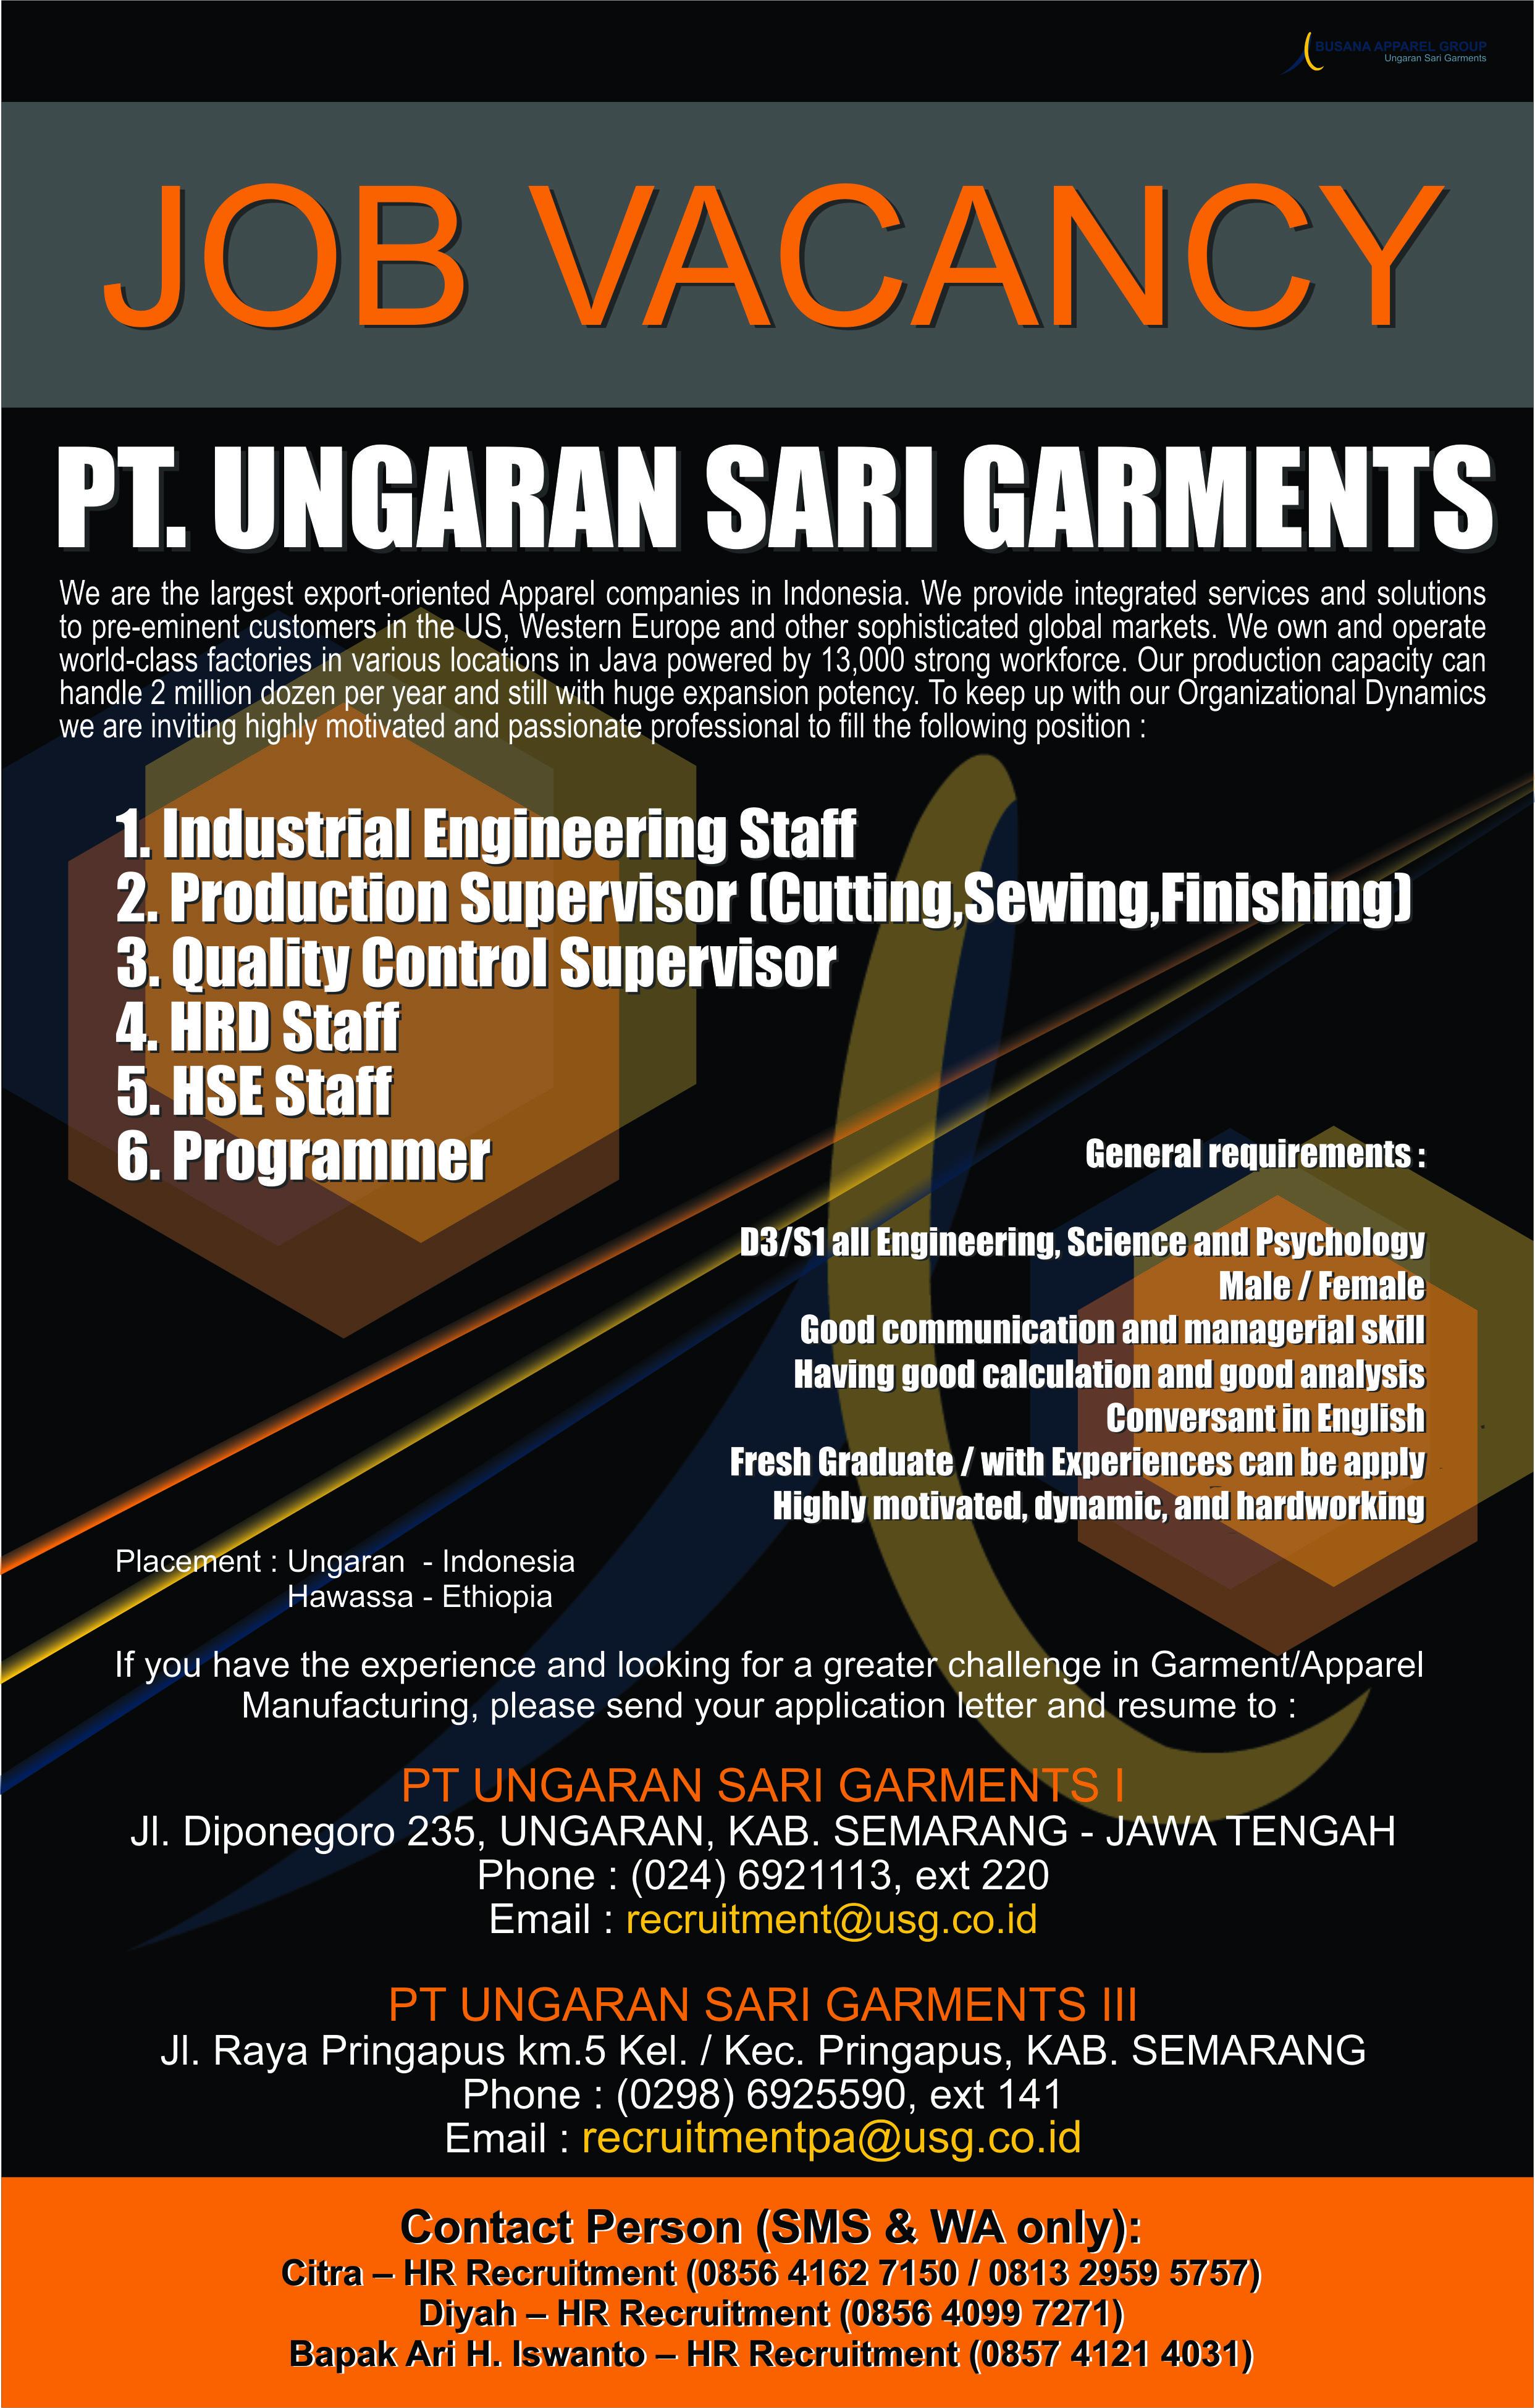 Lowongan PT. UNGARAN SARI GARMENTS I